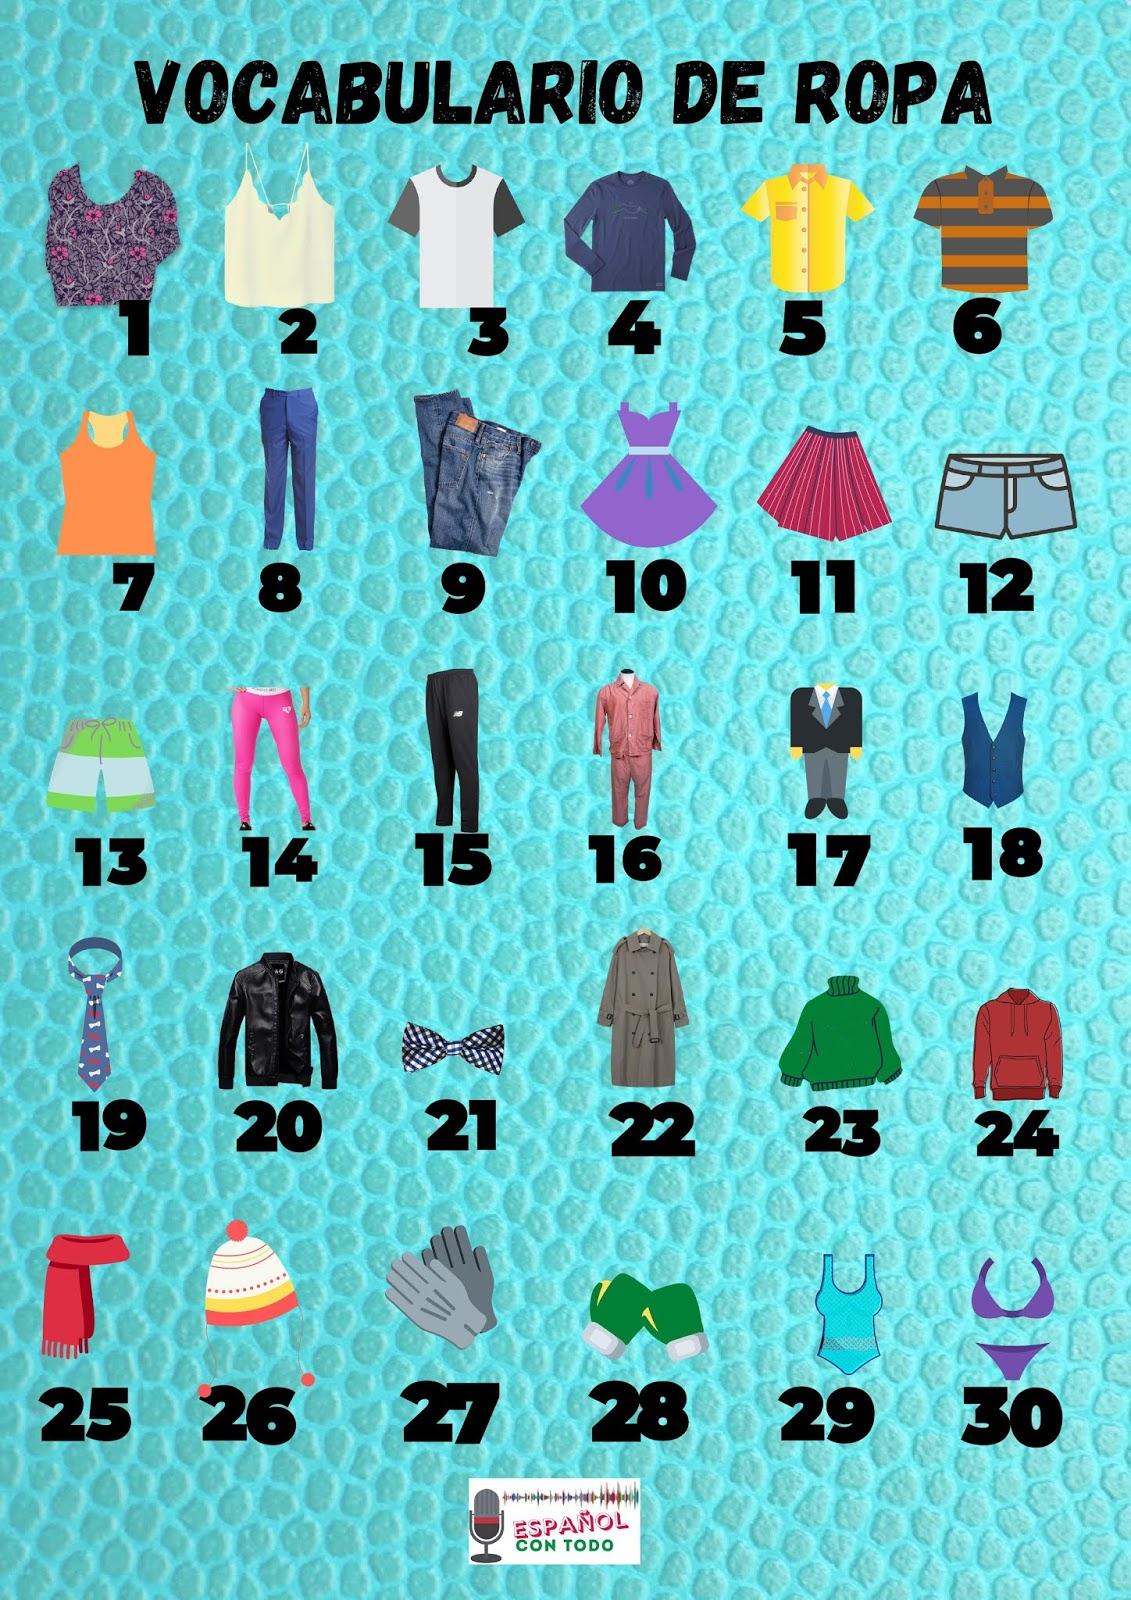 ropas y prendas en español, inglés y portugués